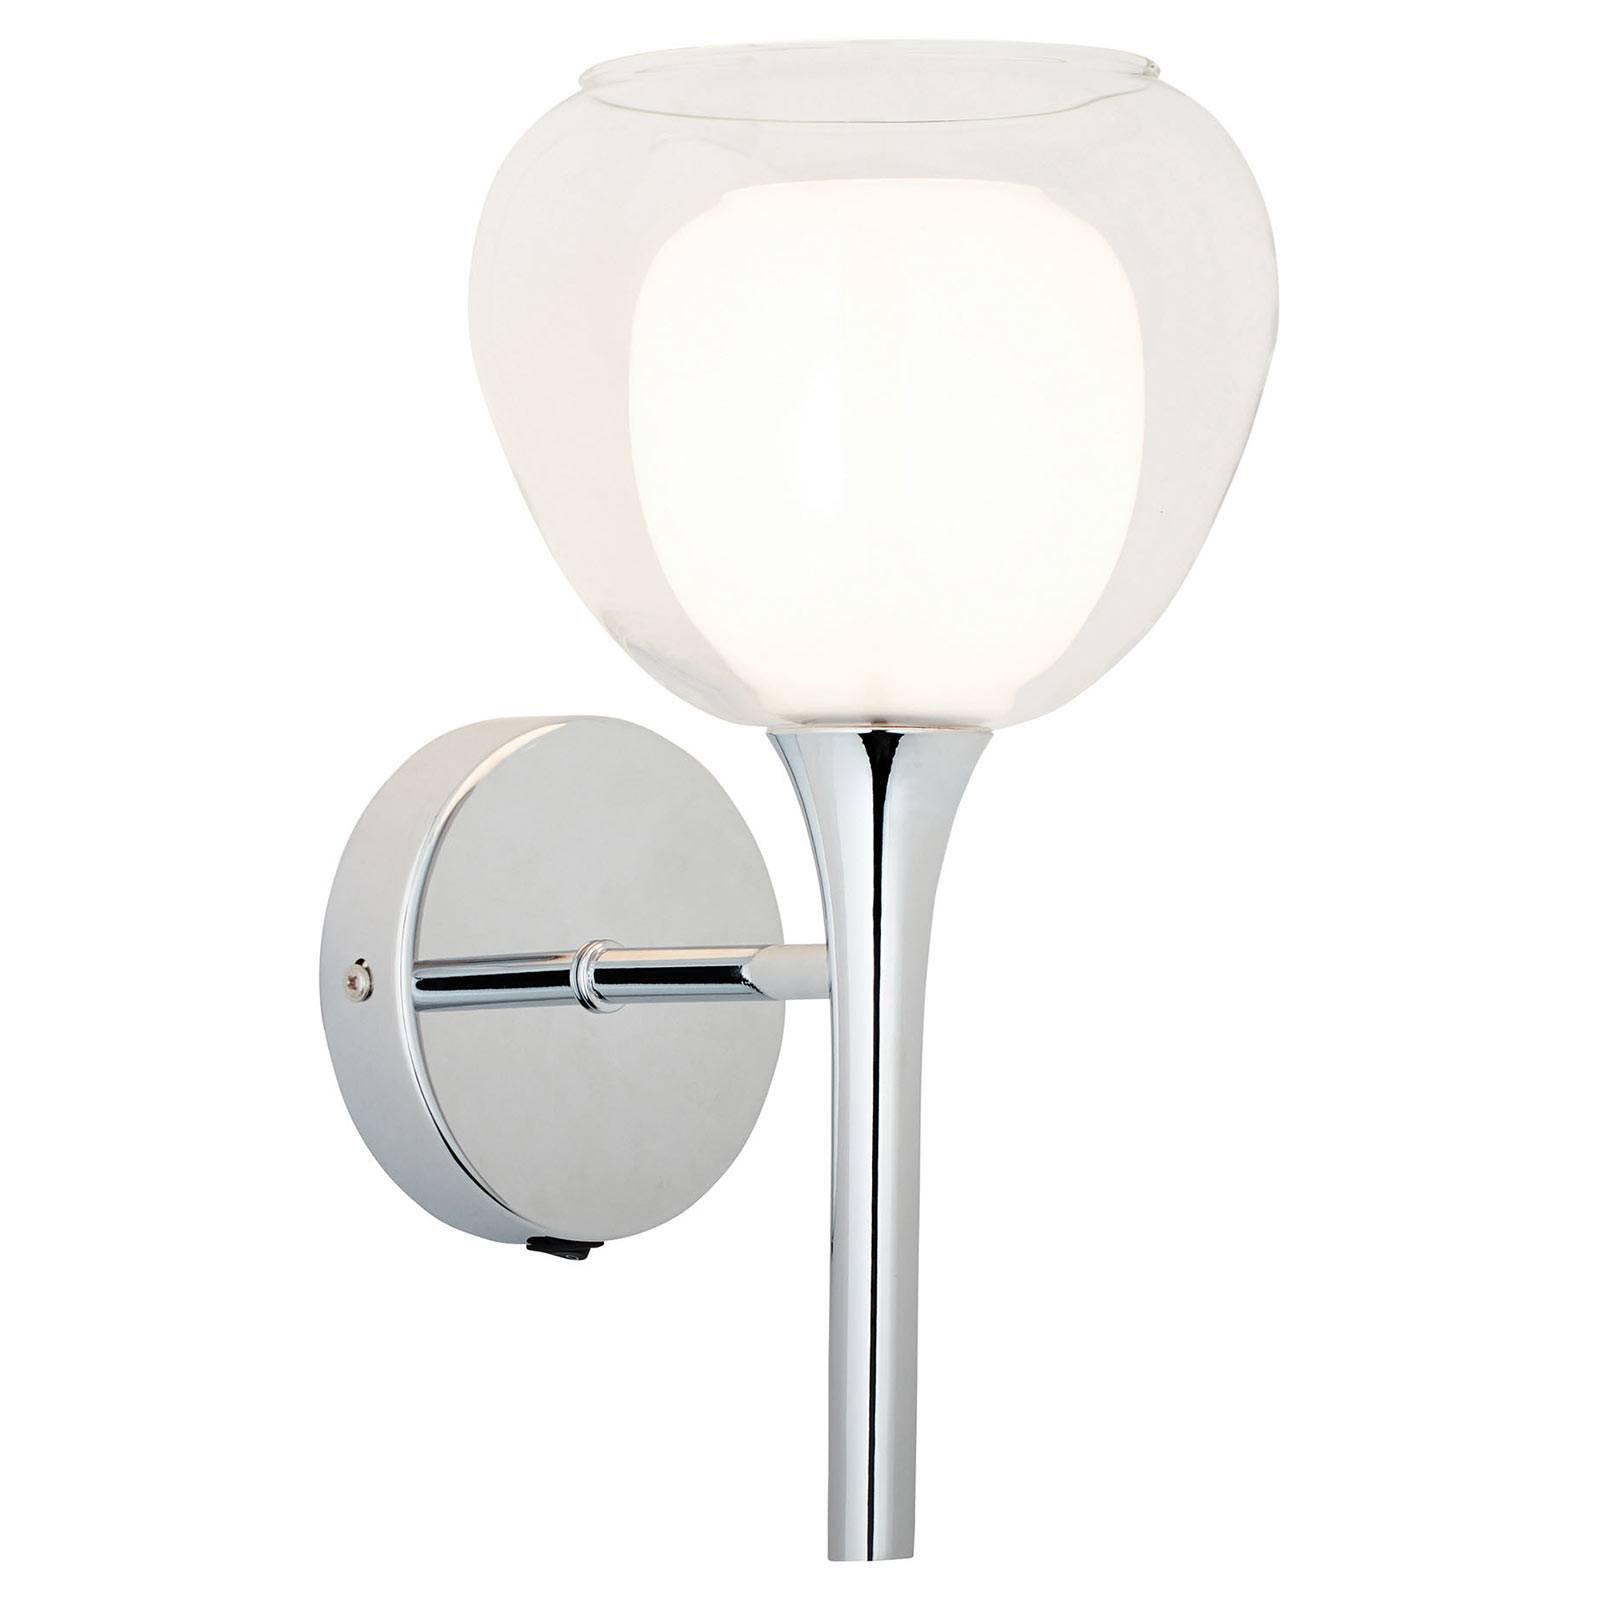 Vegglampe Hadan, glass hvit/gjennomsiktig